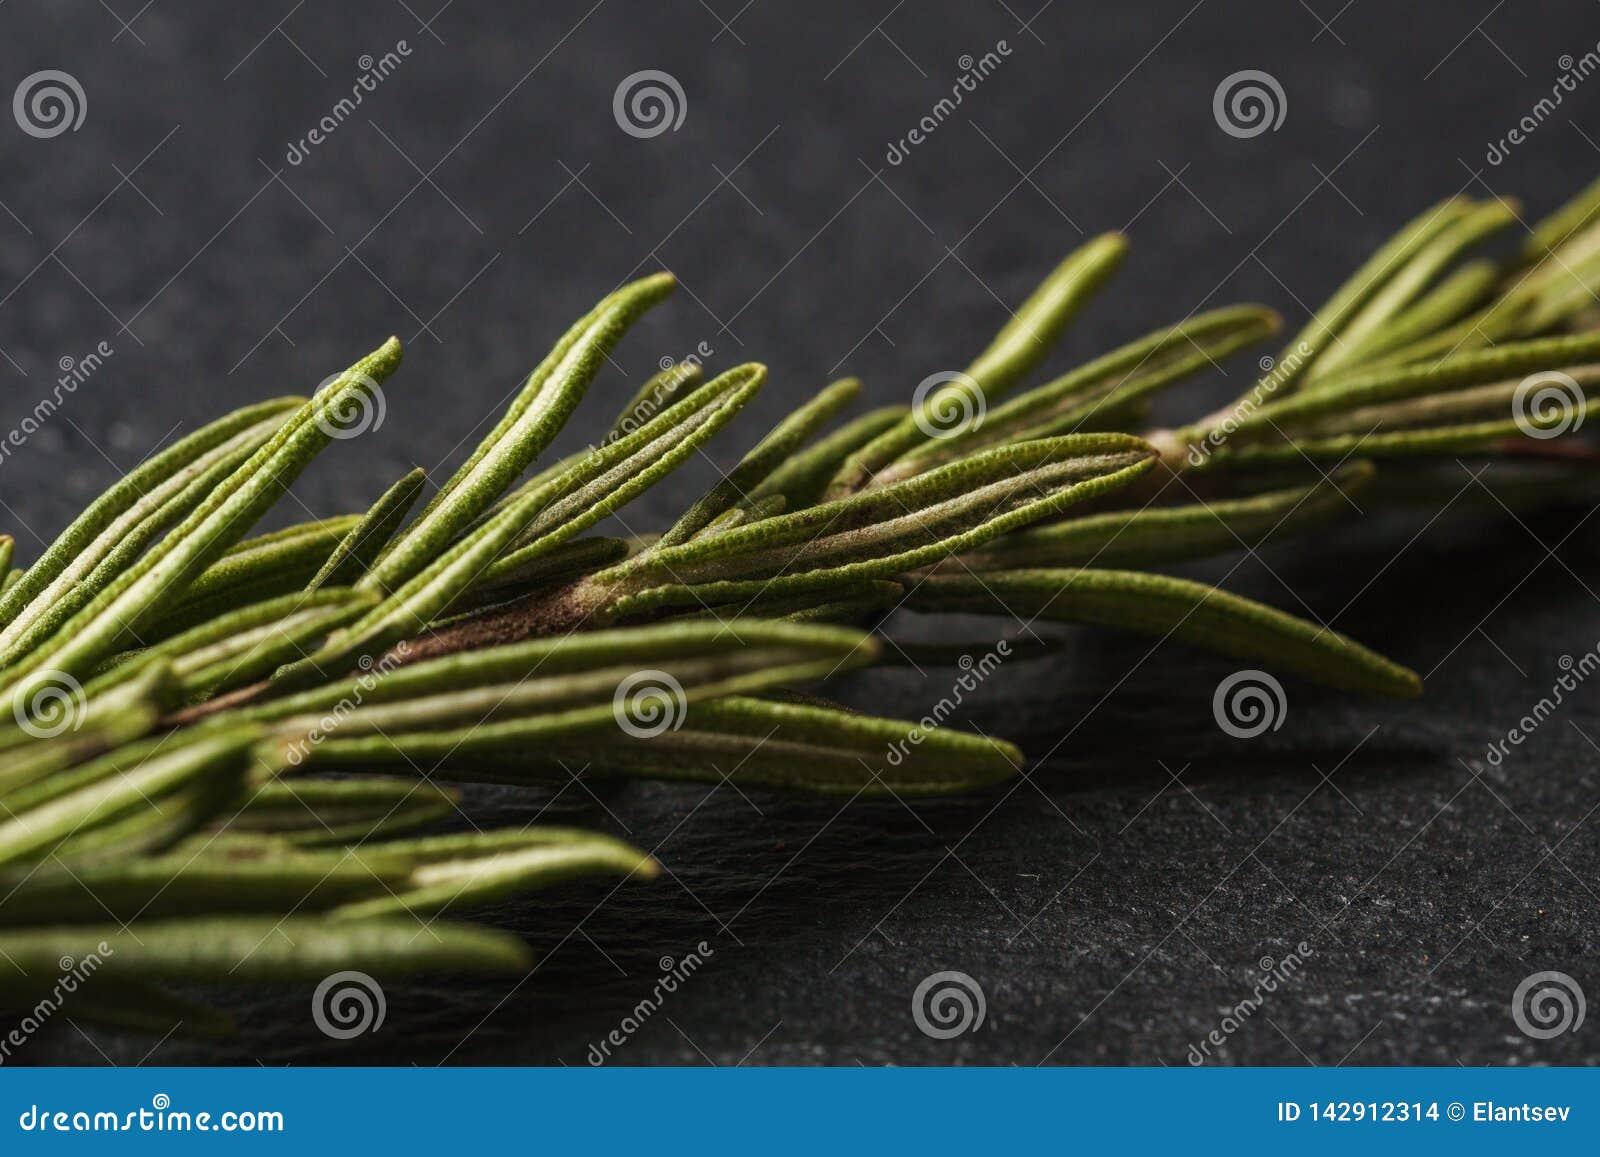 Bladeren van rozemarijn op een donkere achtergrond voor het koken Rosemary de kruiden sluiten omhoog